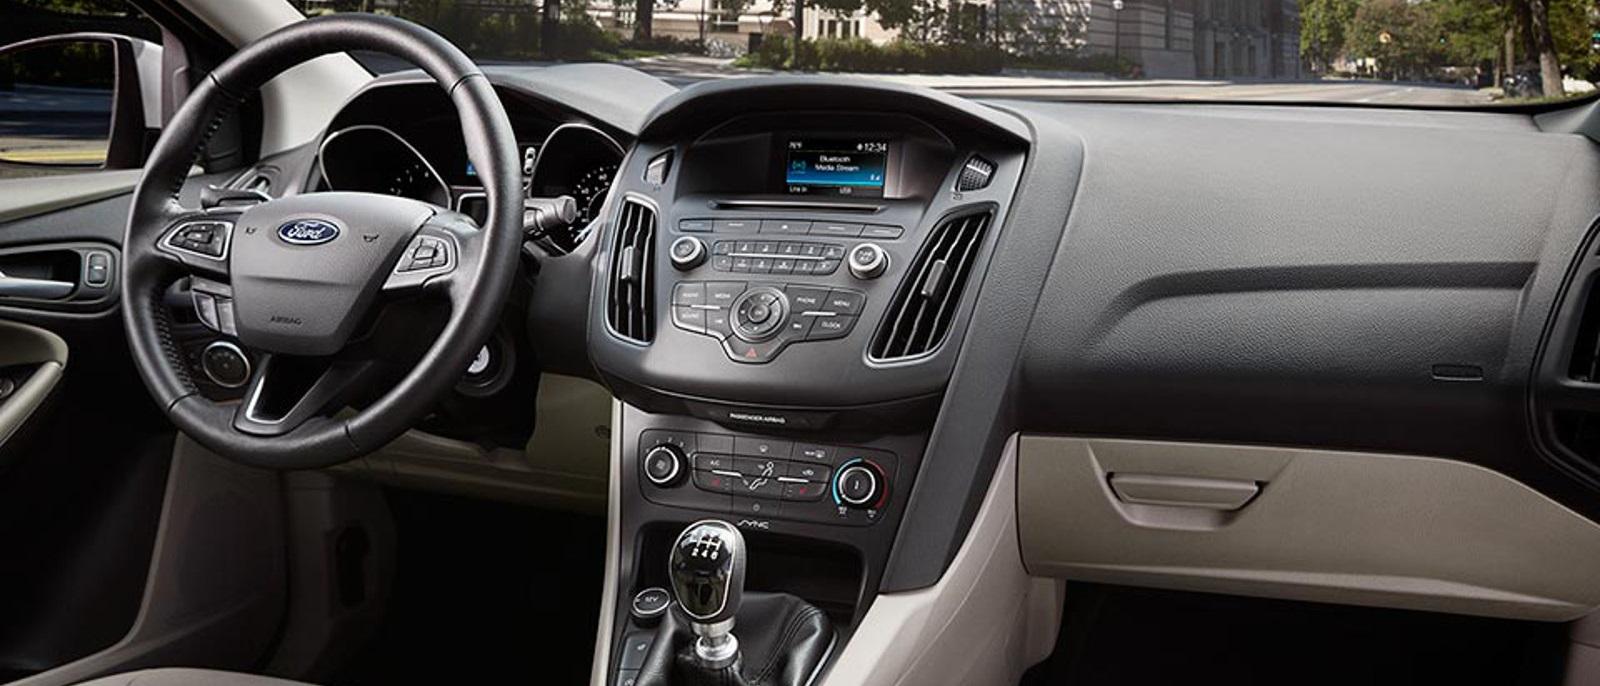 2016 Ford Focus Interior